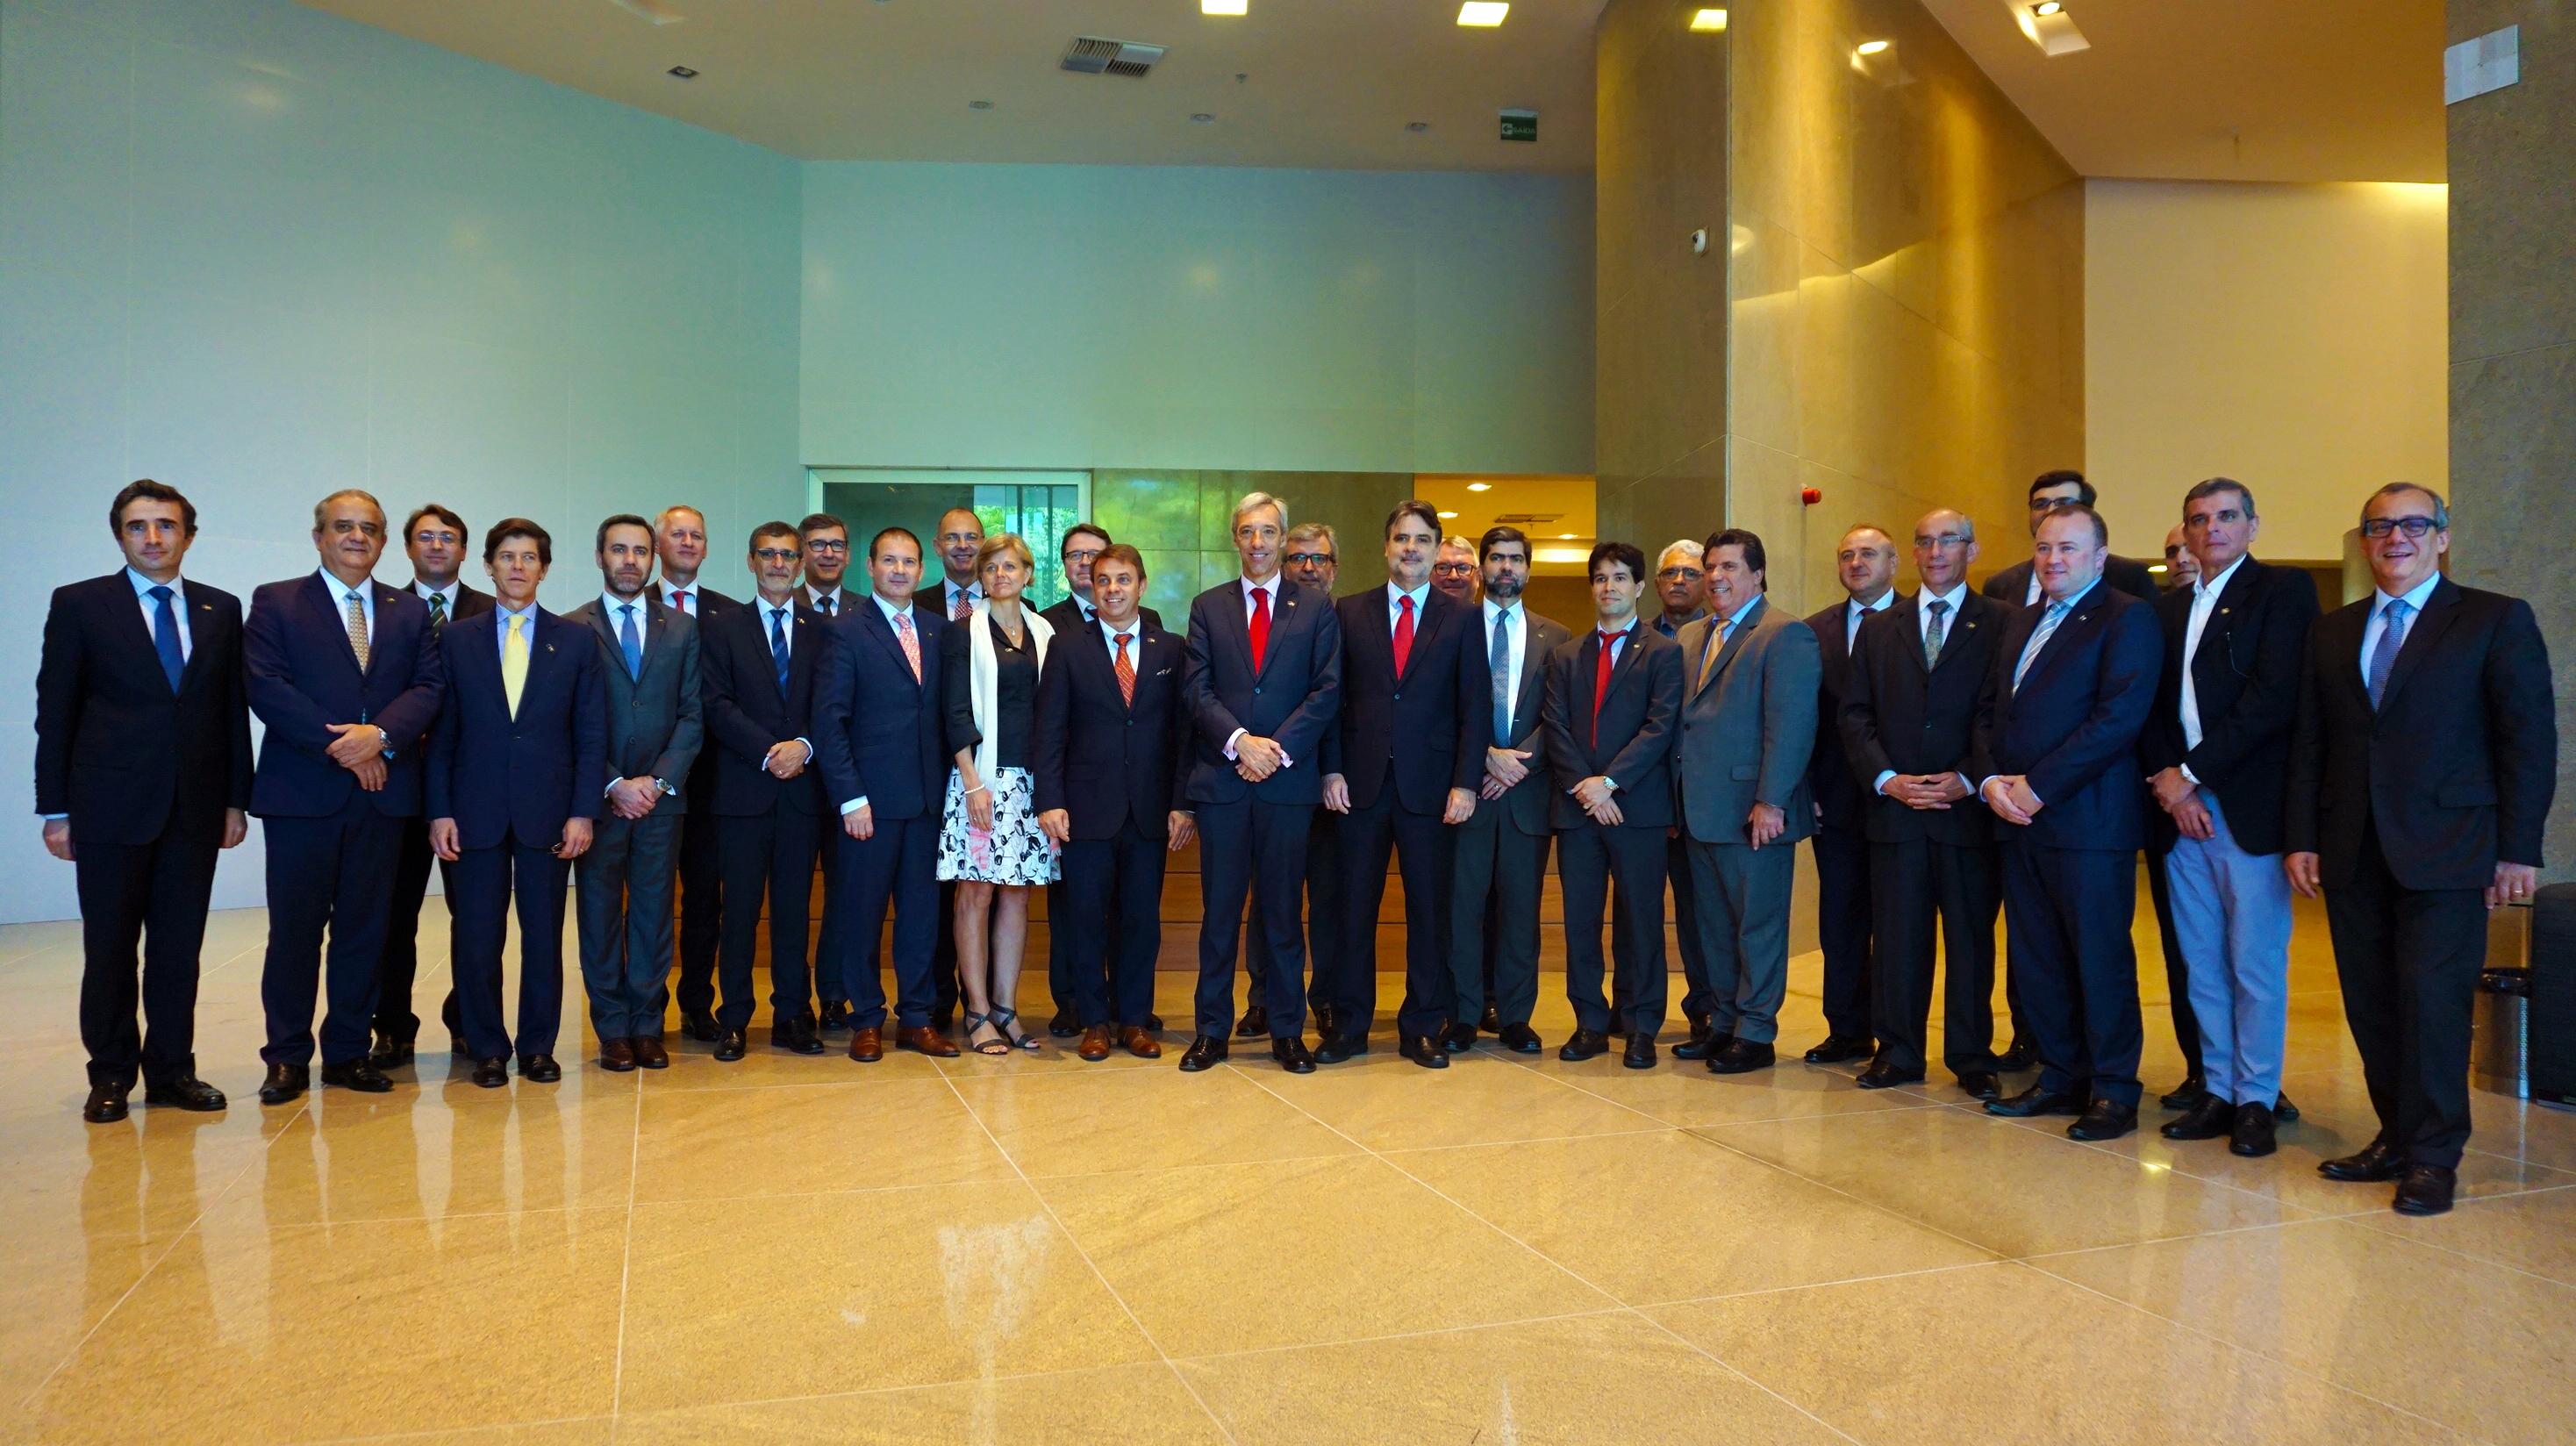 Embaixadores da UE conhecem oportunidades de negócios em Suape | Suape